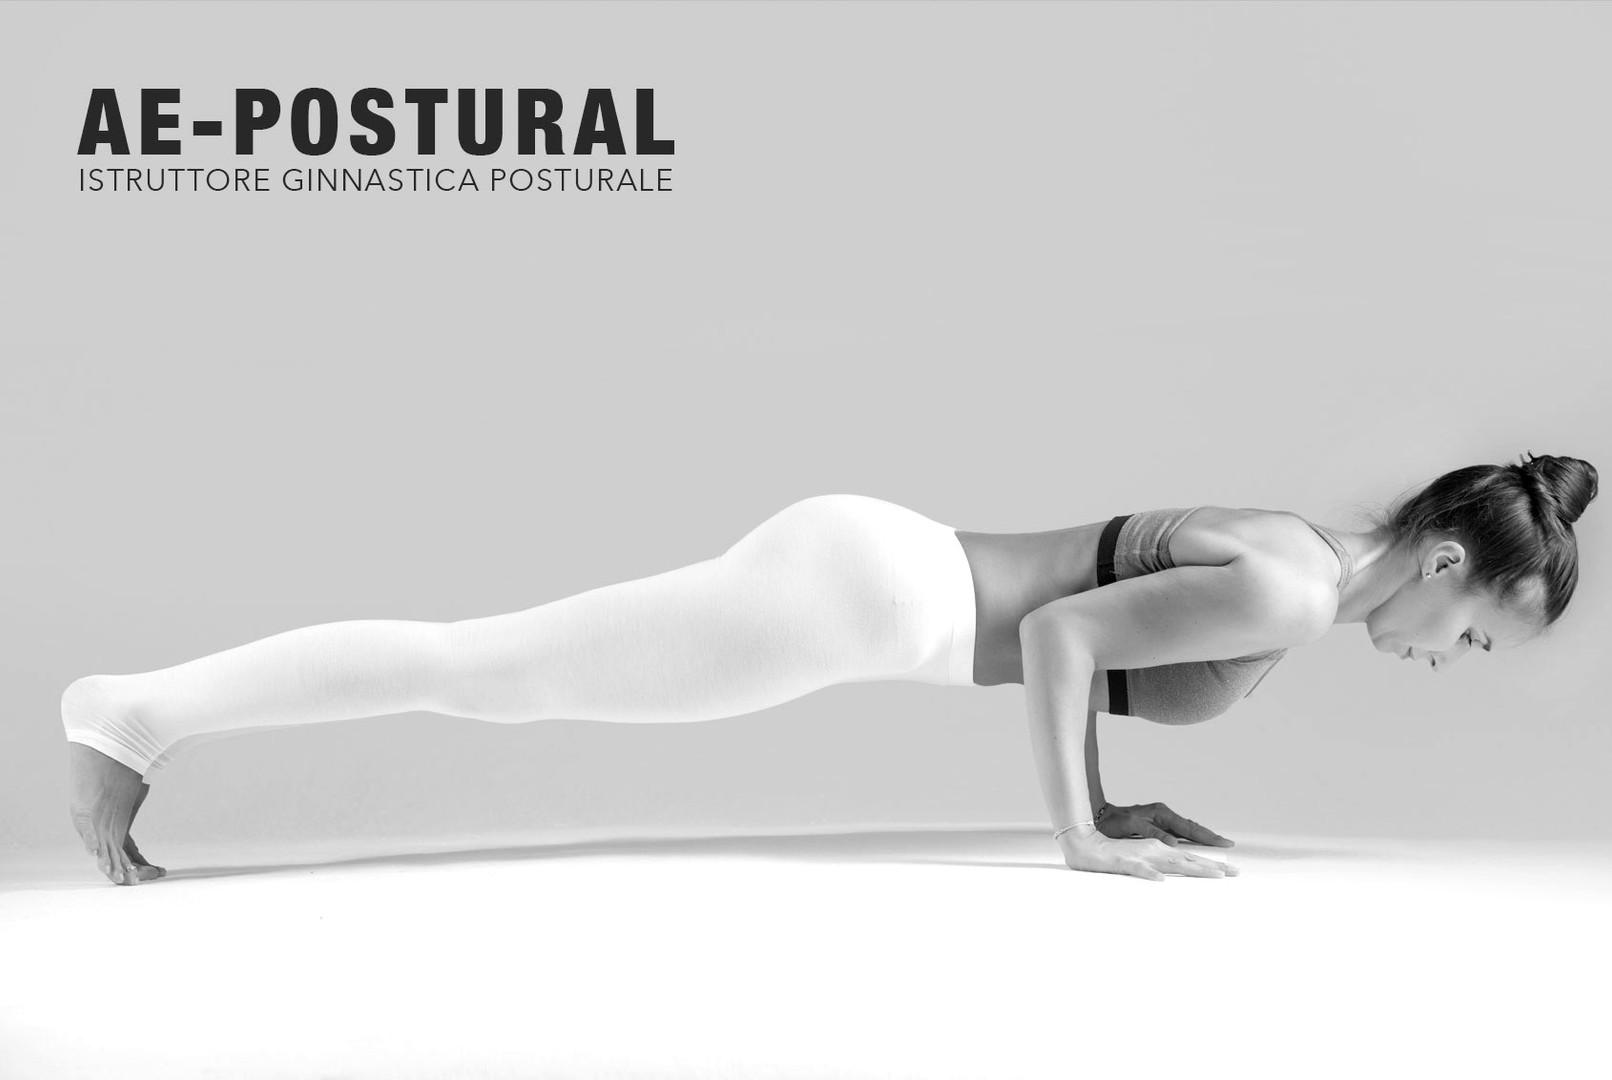 AE-POSTURAL